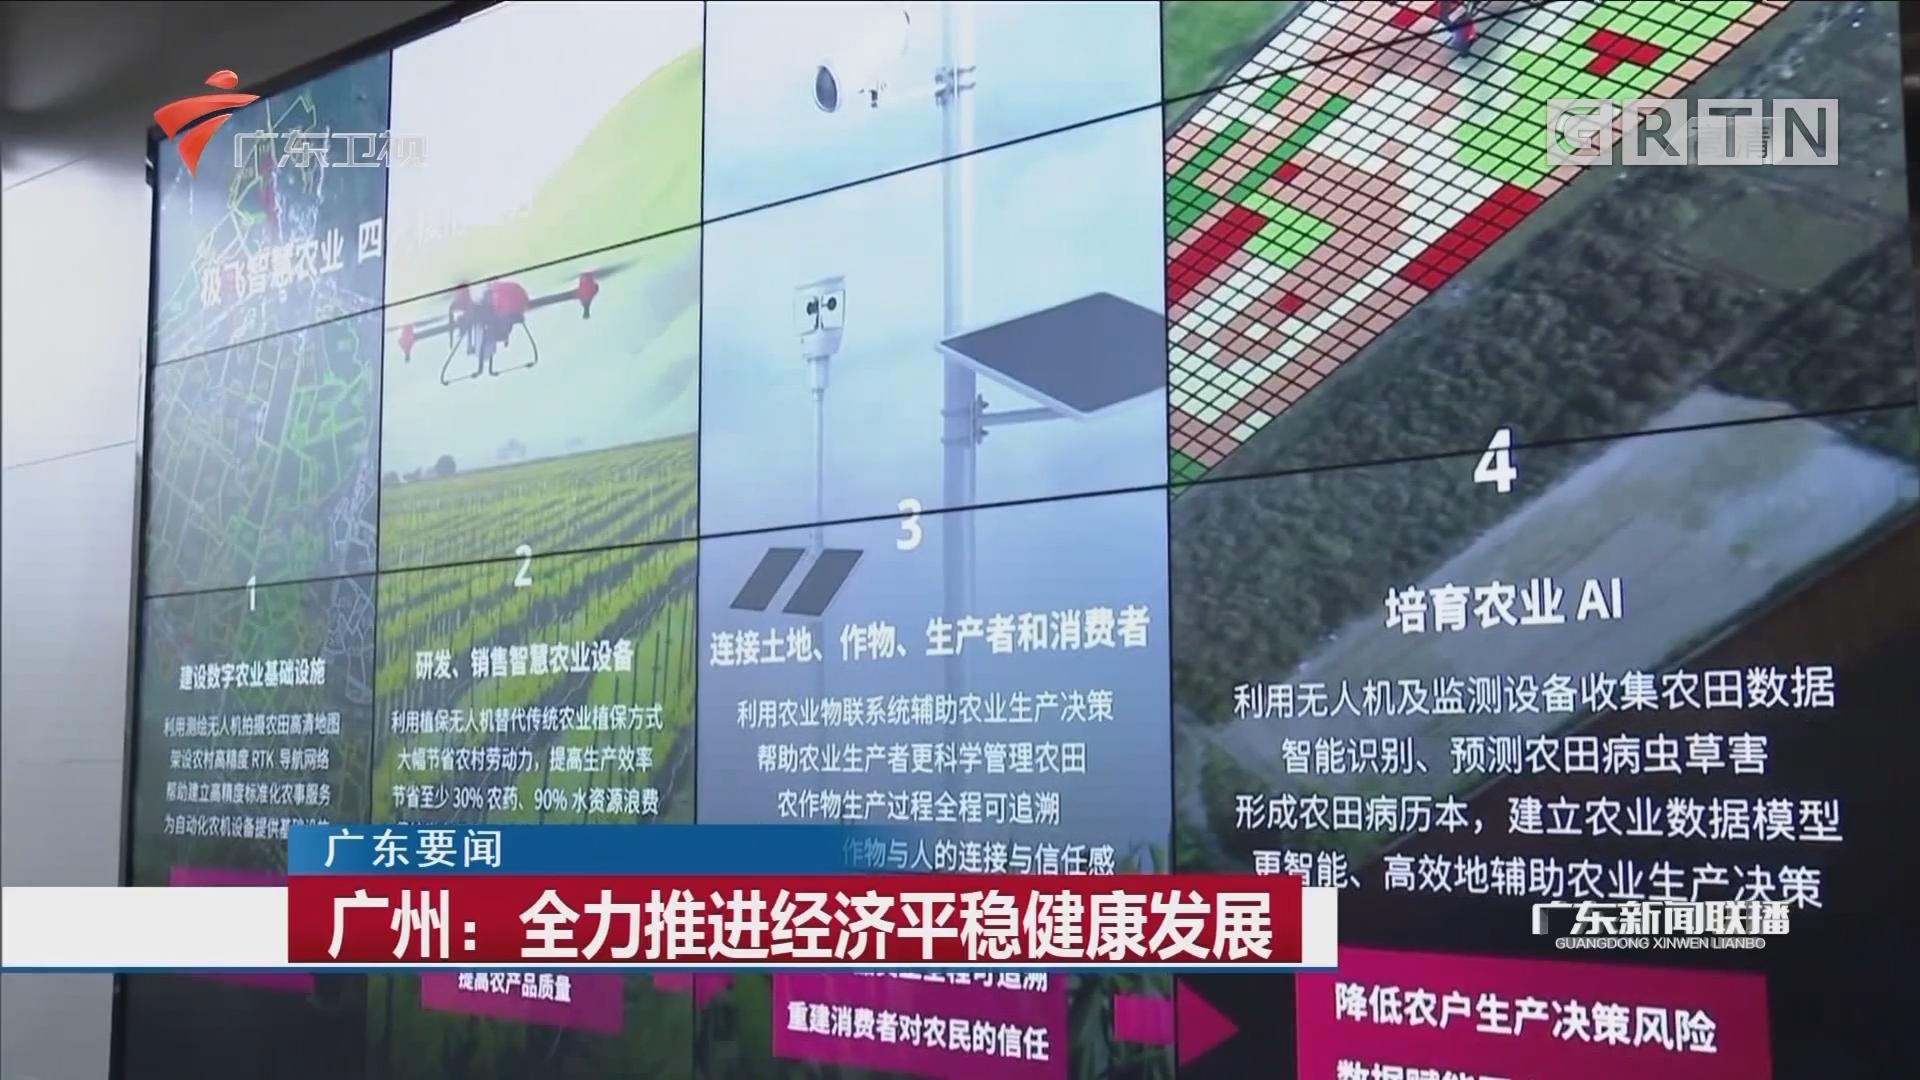 广州:全力推进经济平稳健康发展